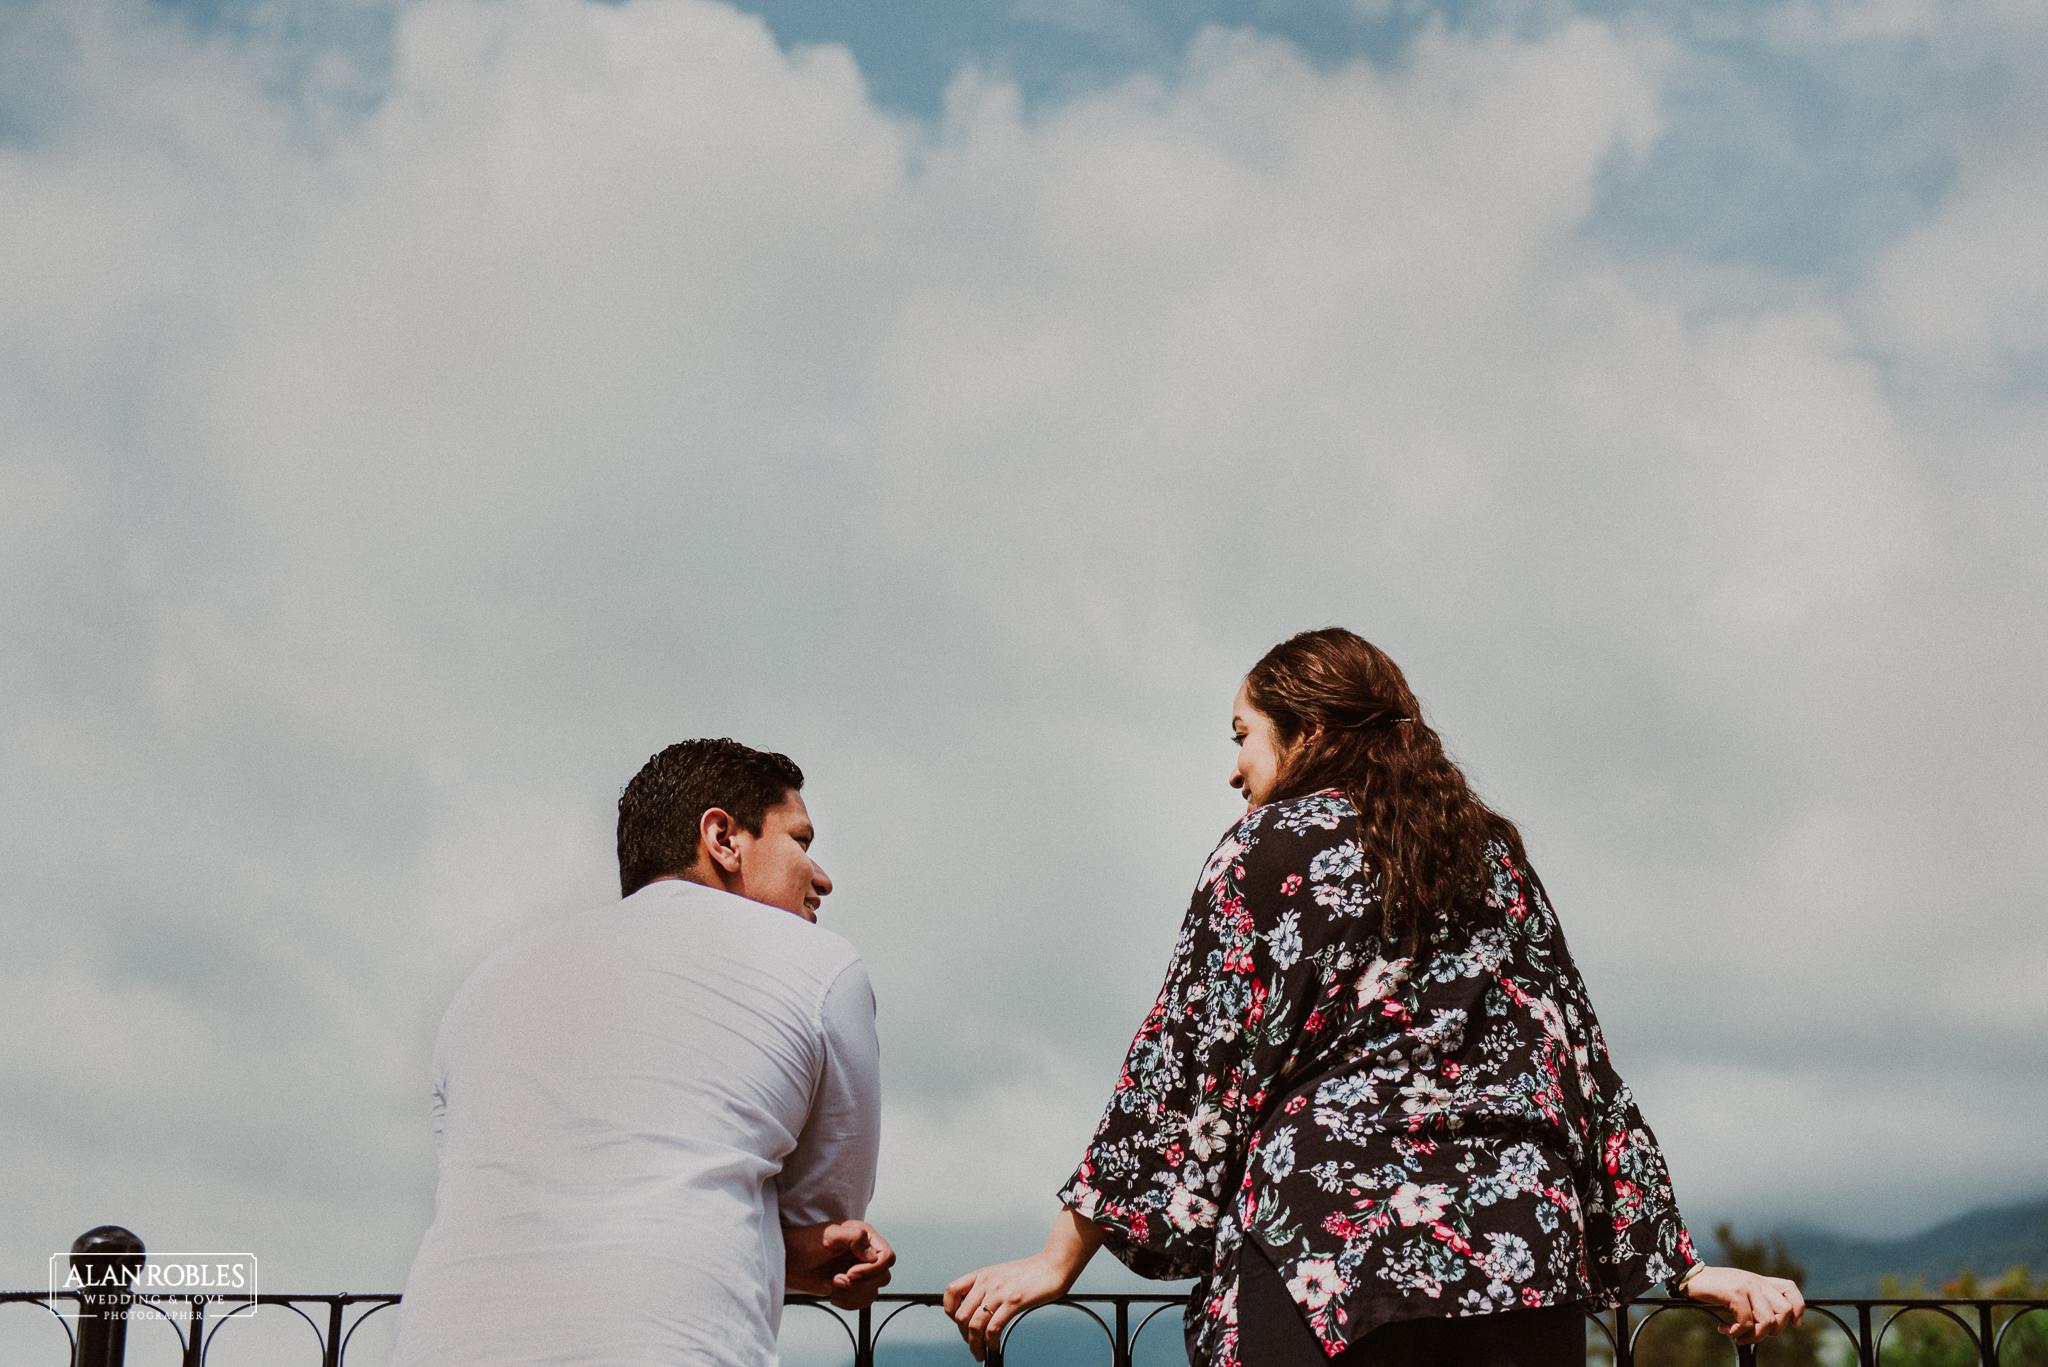 Sesion de fotos Preboda en Laguna de Chapala, Ajijic. Fotografia de bodas - Alan Robles Wedding & Love Photographer. Fotos creativas para boda. Ideas para fotos de boda. El mejor fotografo de bodas en Guadalajara. Cielo con nubes, dia nublado y cielo azul.